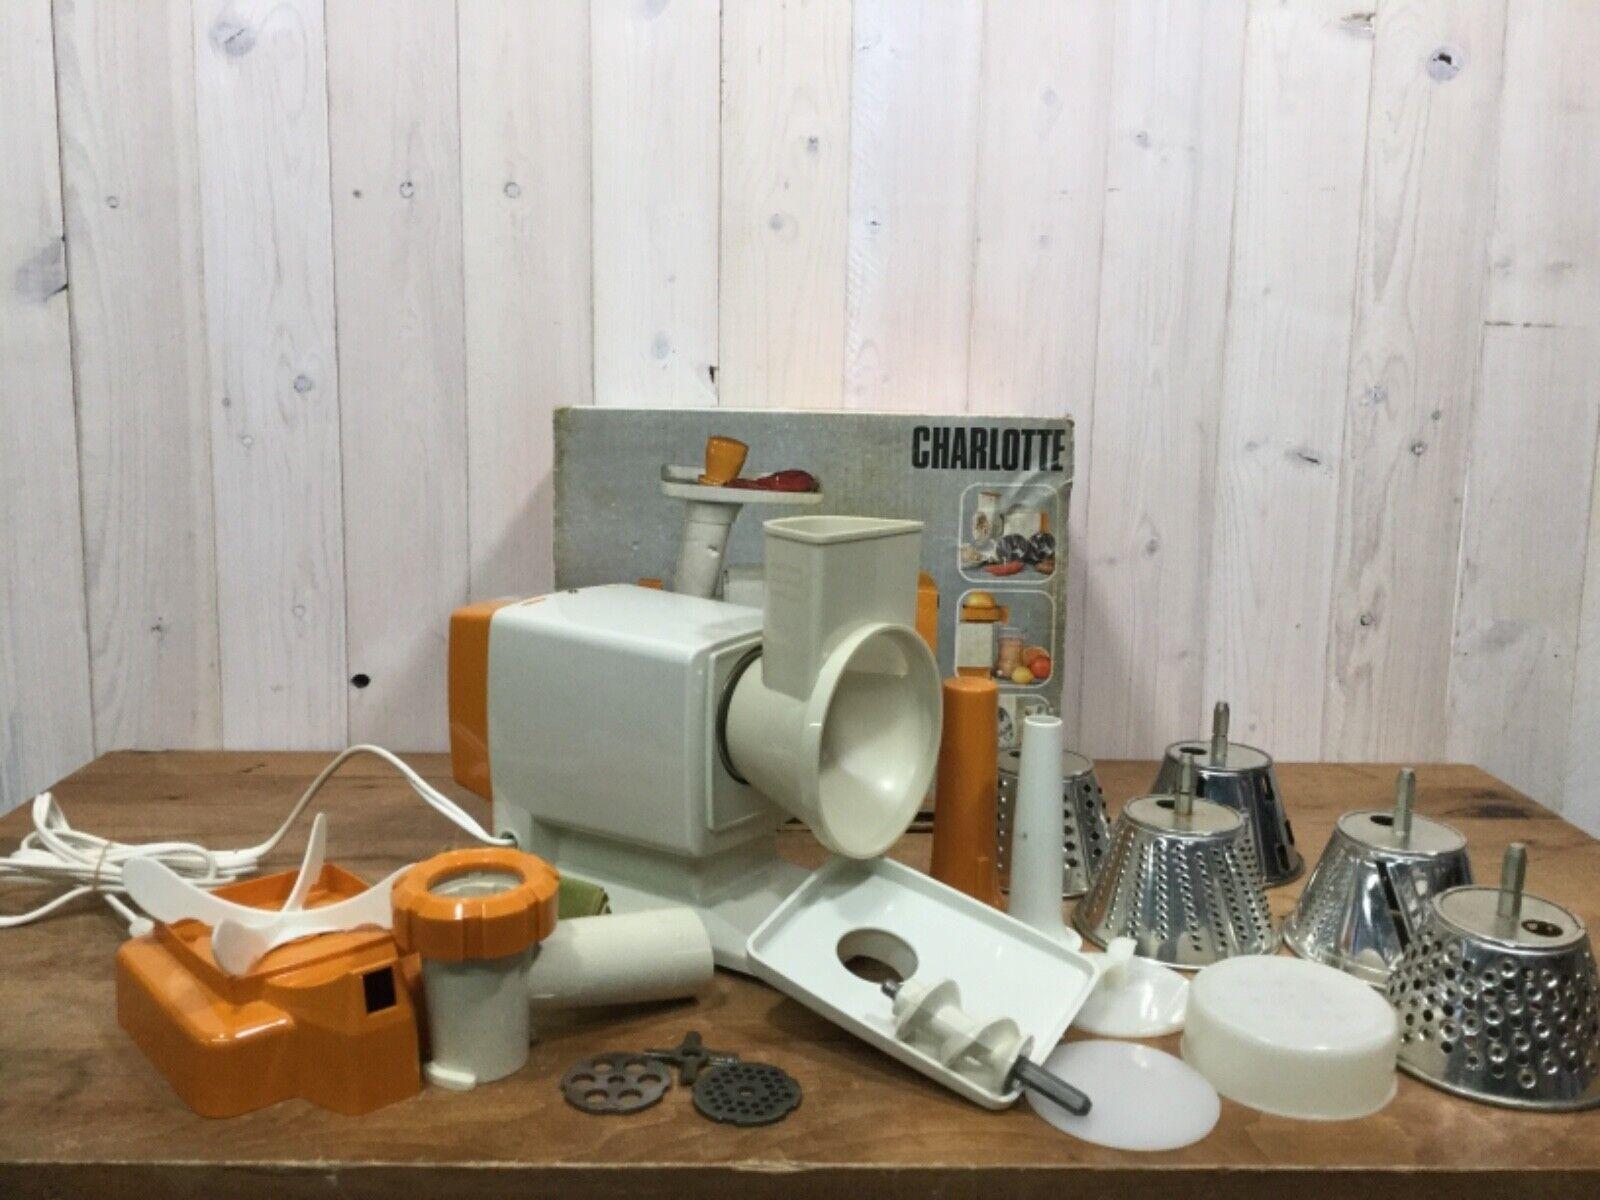 Vintage MOULINEX CHARLOTTE 308 Electric Meat Grinder Juicer Salad Maker